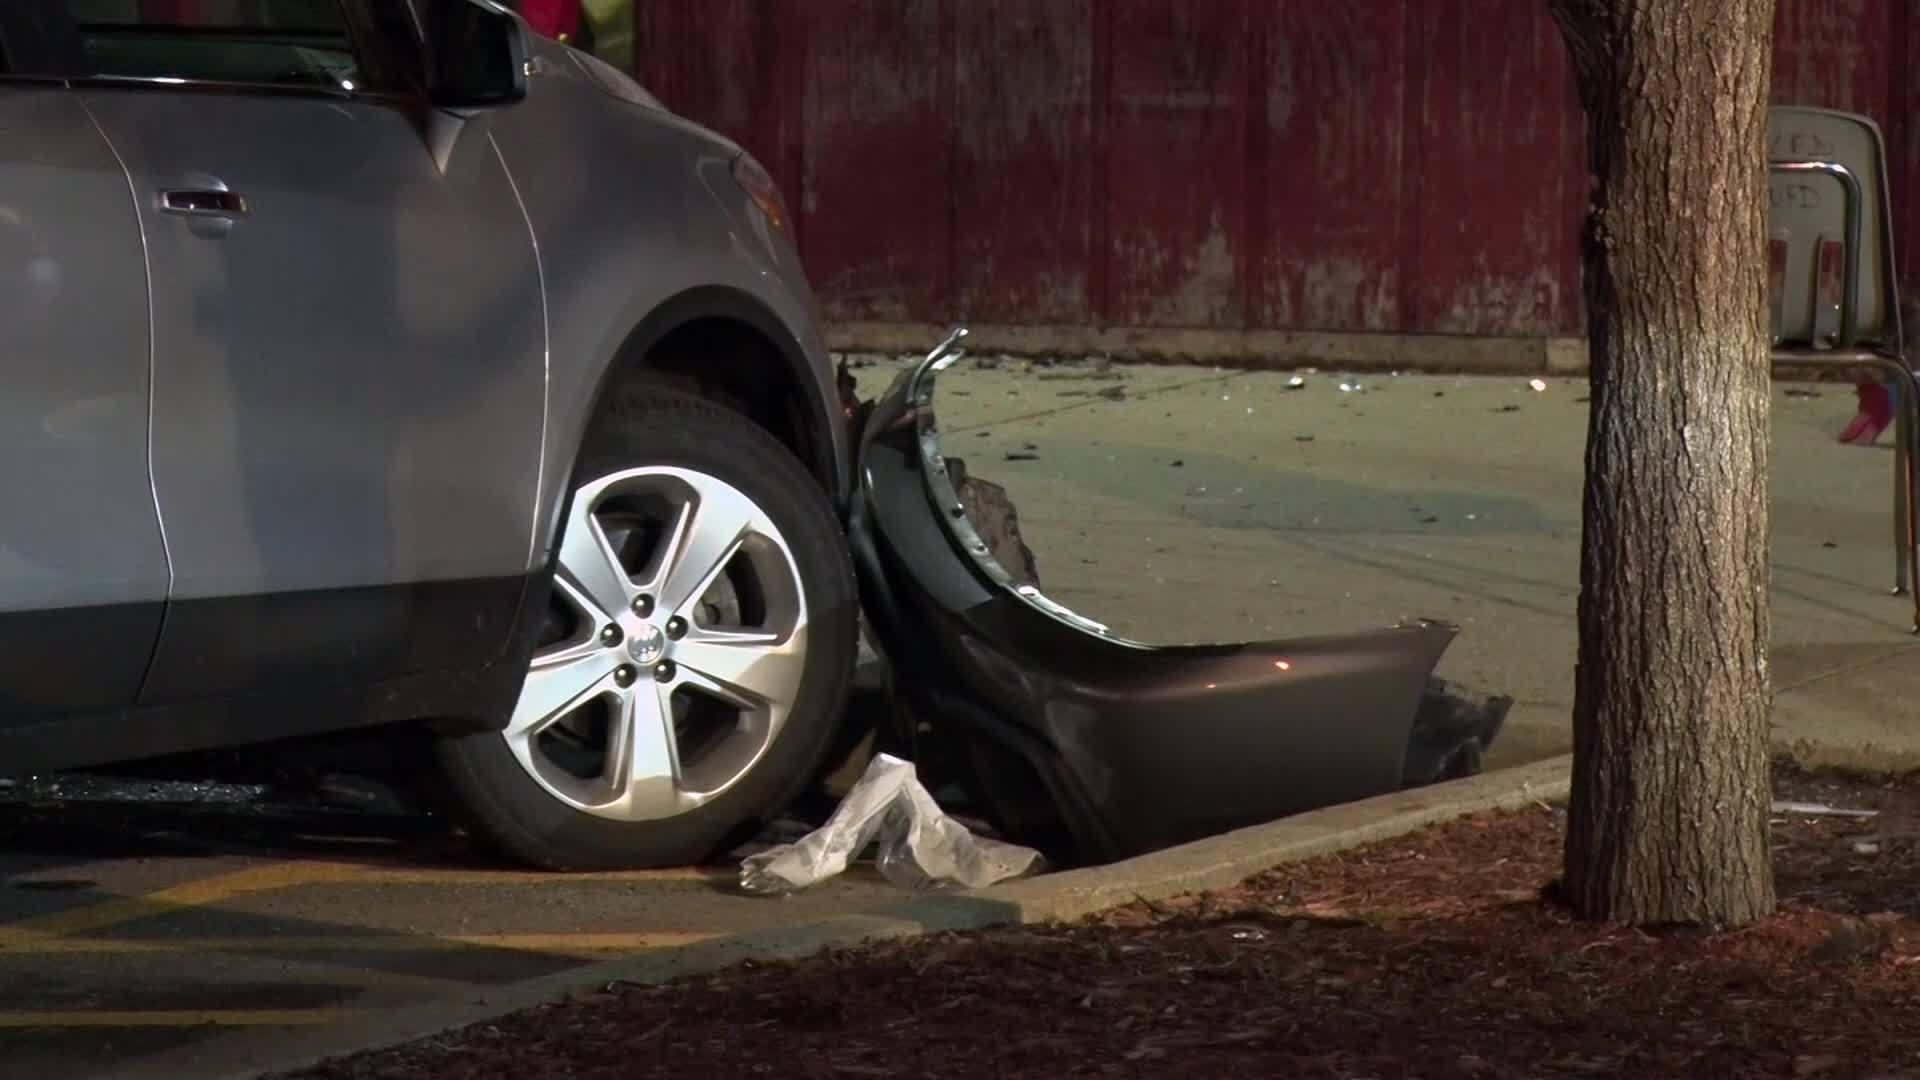 1_Dead__Several_Injured_After_Car_Crashe_0_20180511143628